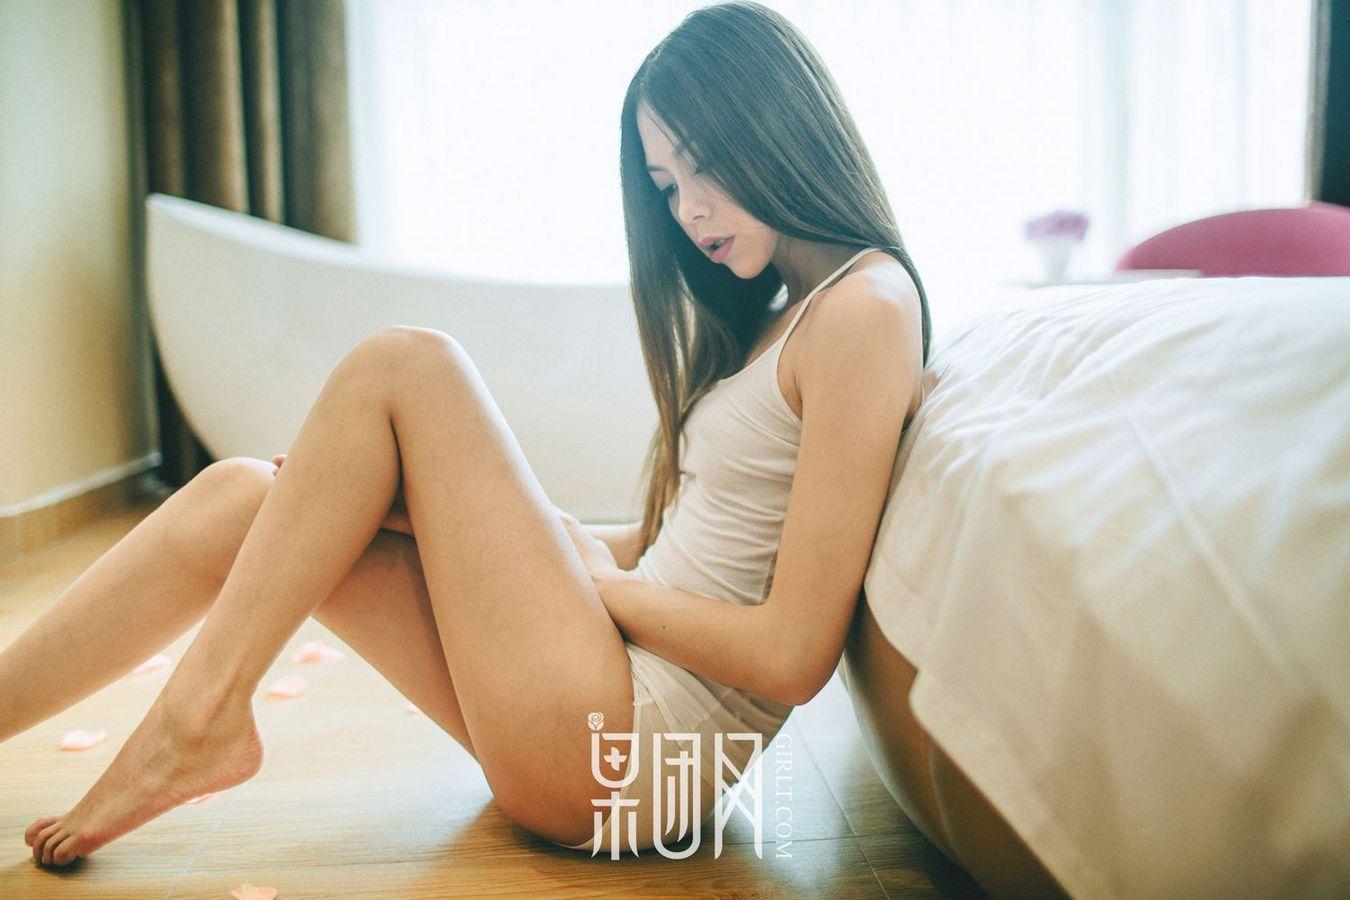 5SOE-827蜜桃乳美女饱满圆润蕾丝内衣诱惑性感美女图片